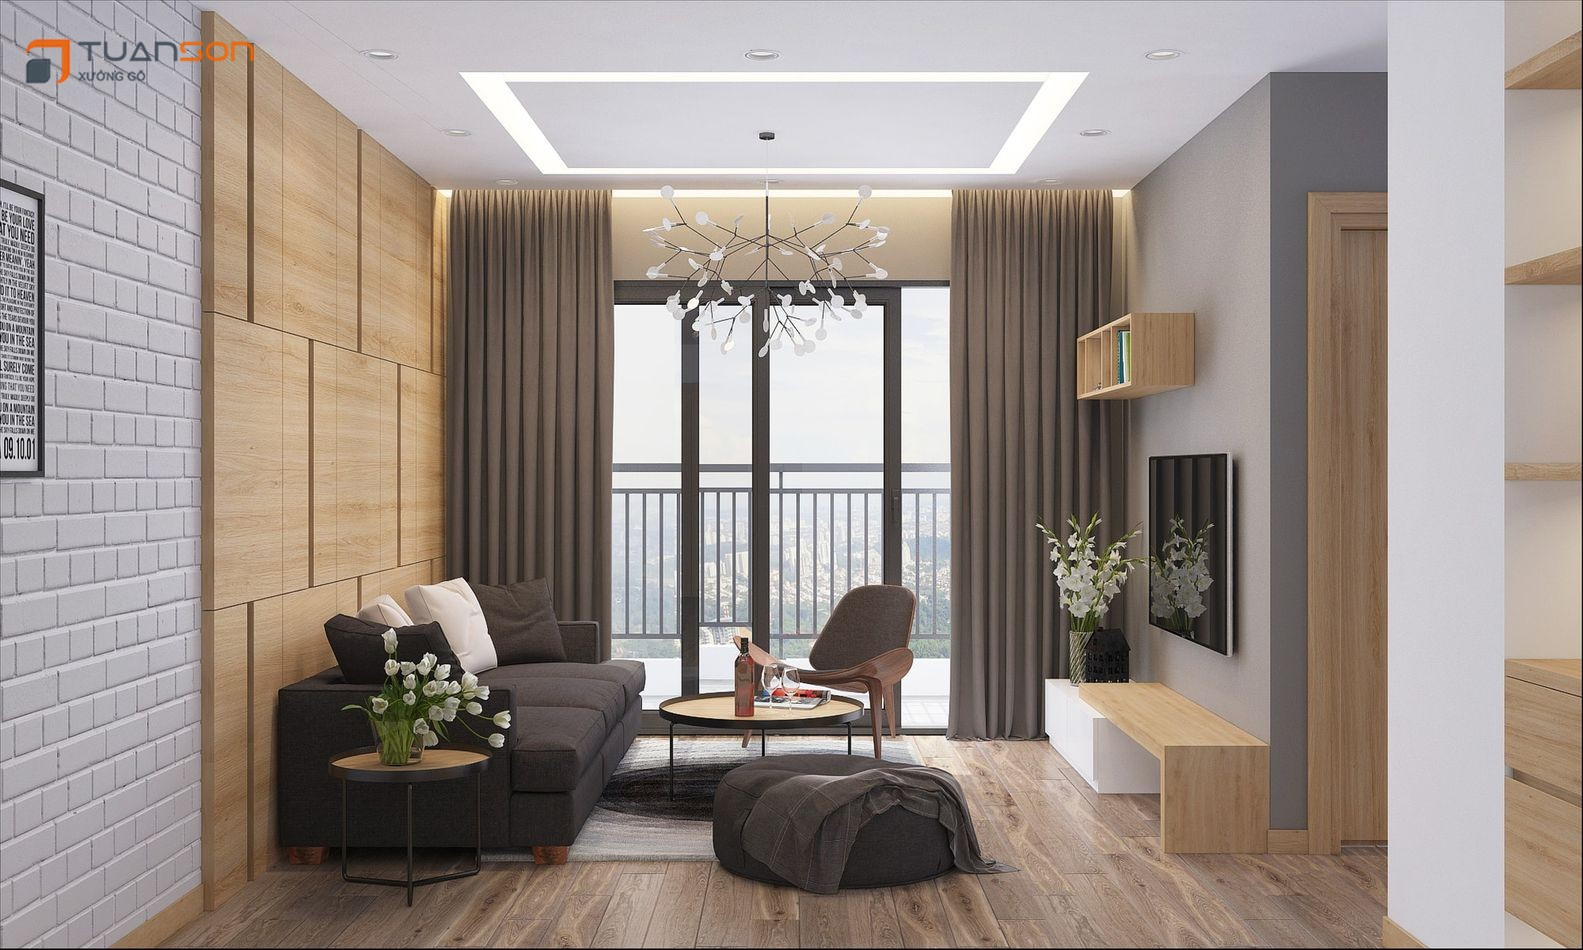 Thiết kế nội thất căn hộ 2 phòng ngủ 74m2 chung cư Phương Đông Green Park Số 1 Trần Thủ Độ